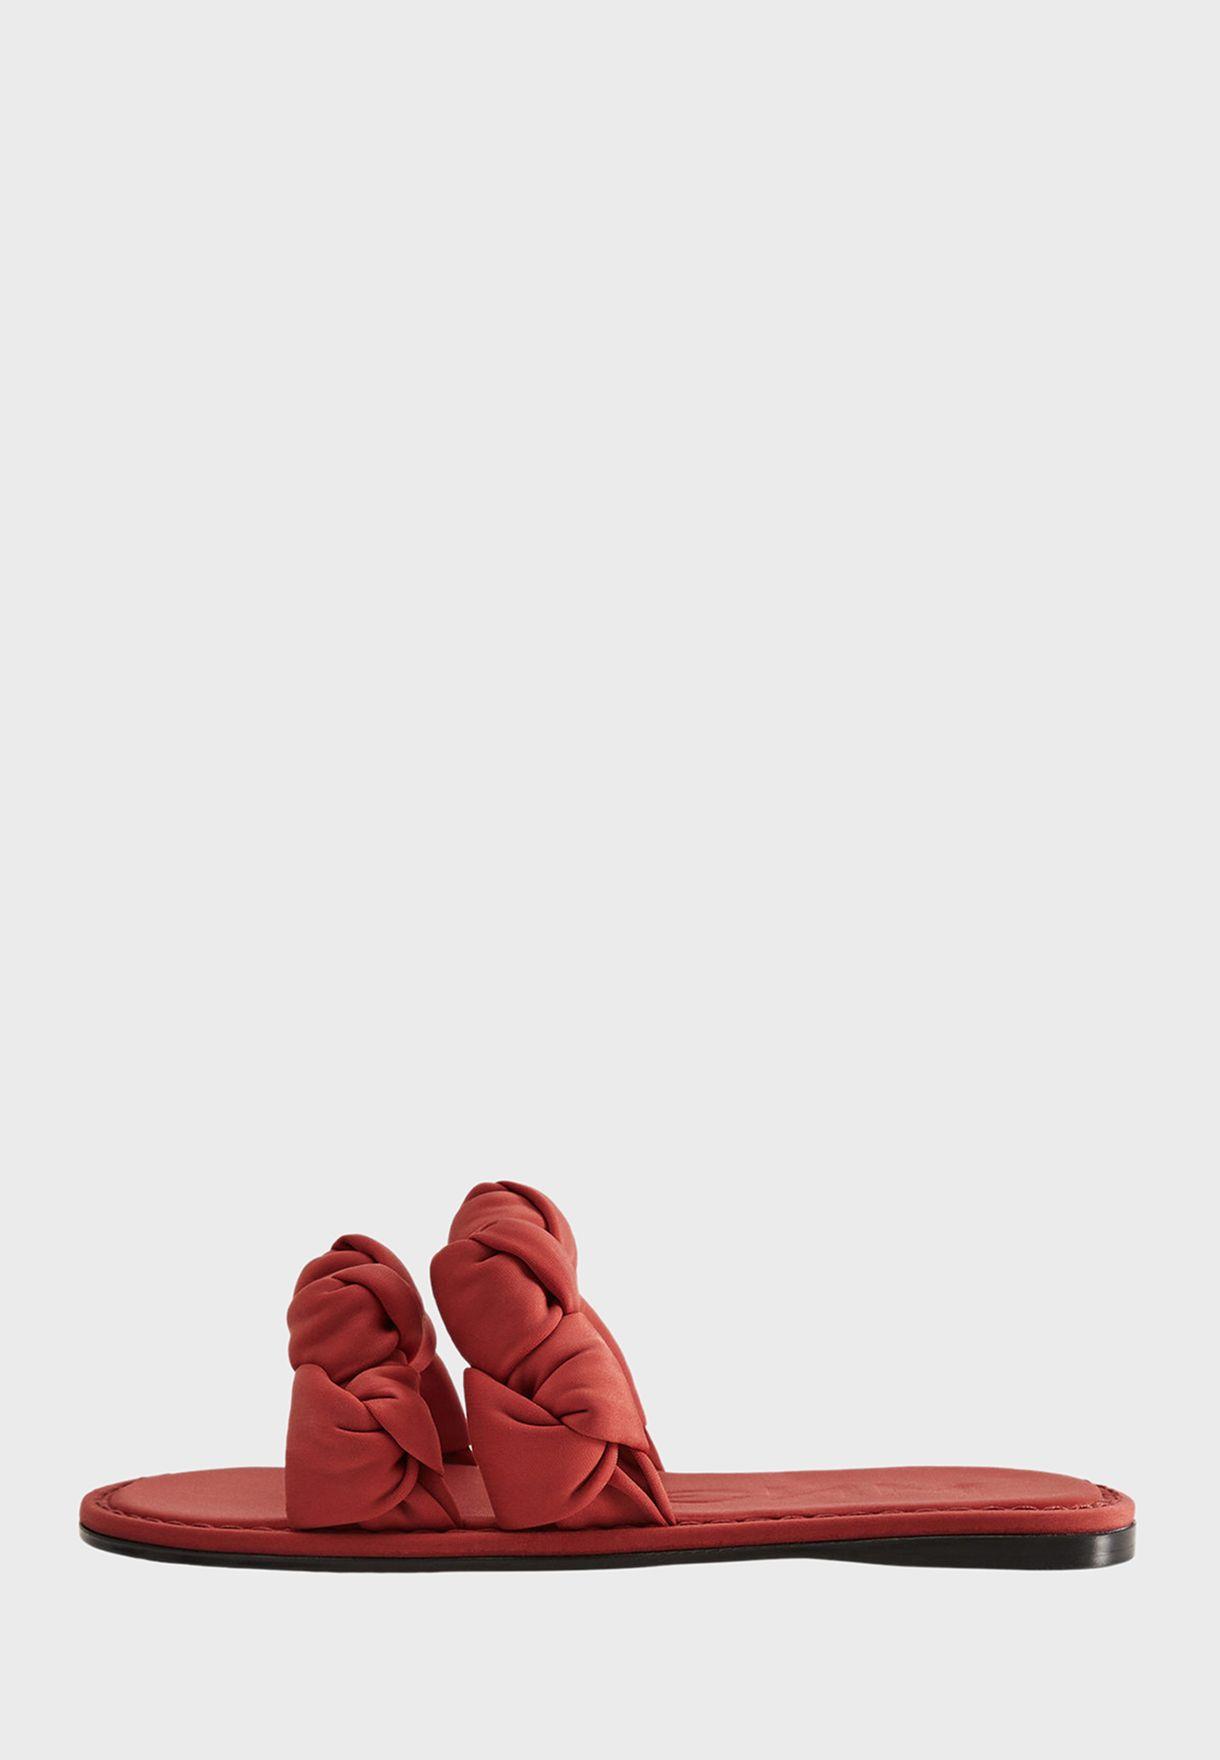 Double Flat Sandals